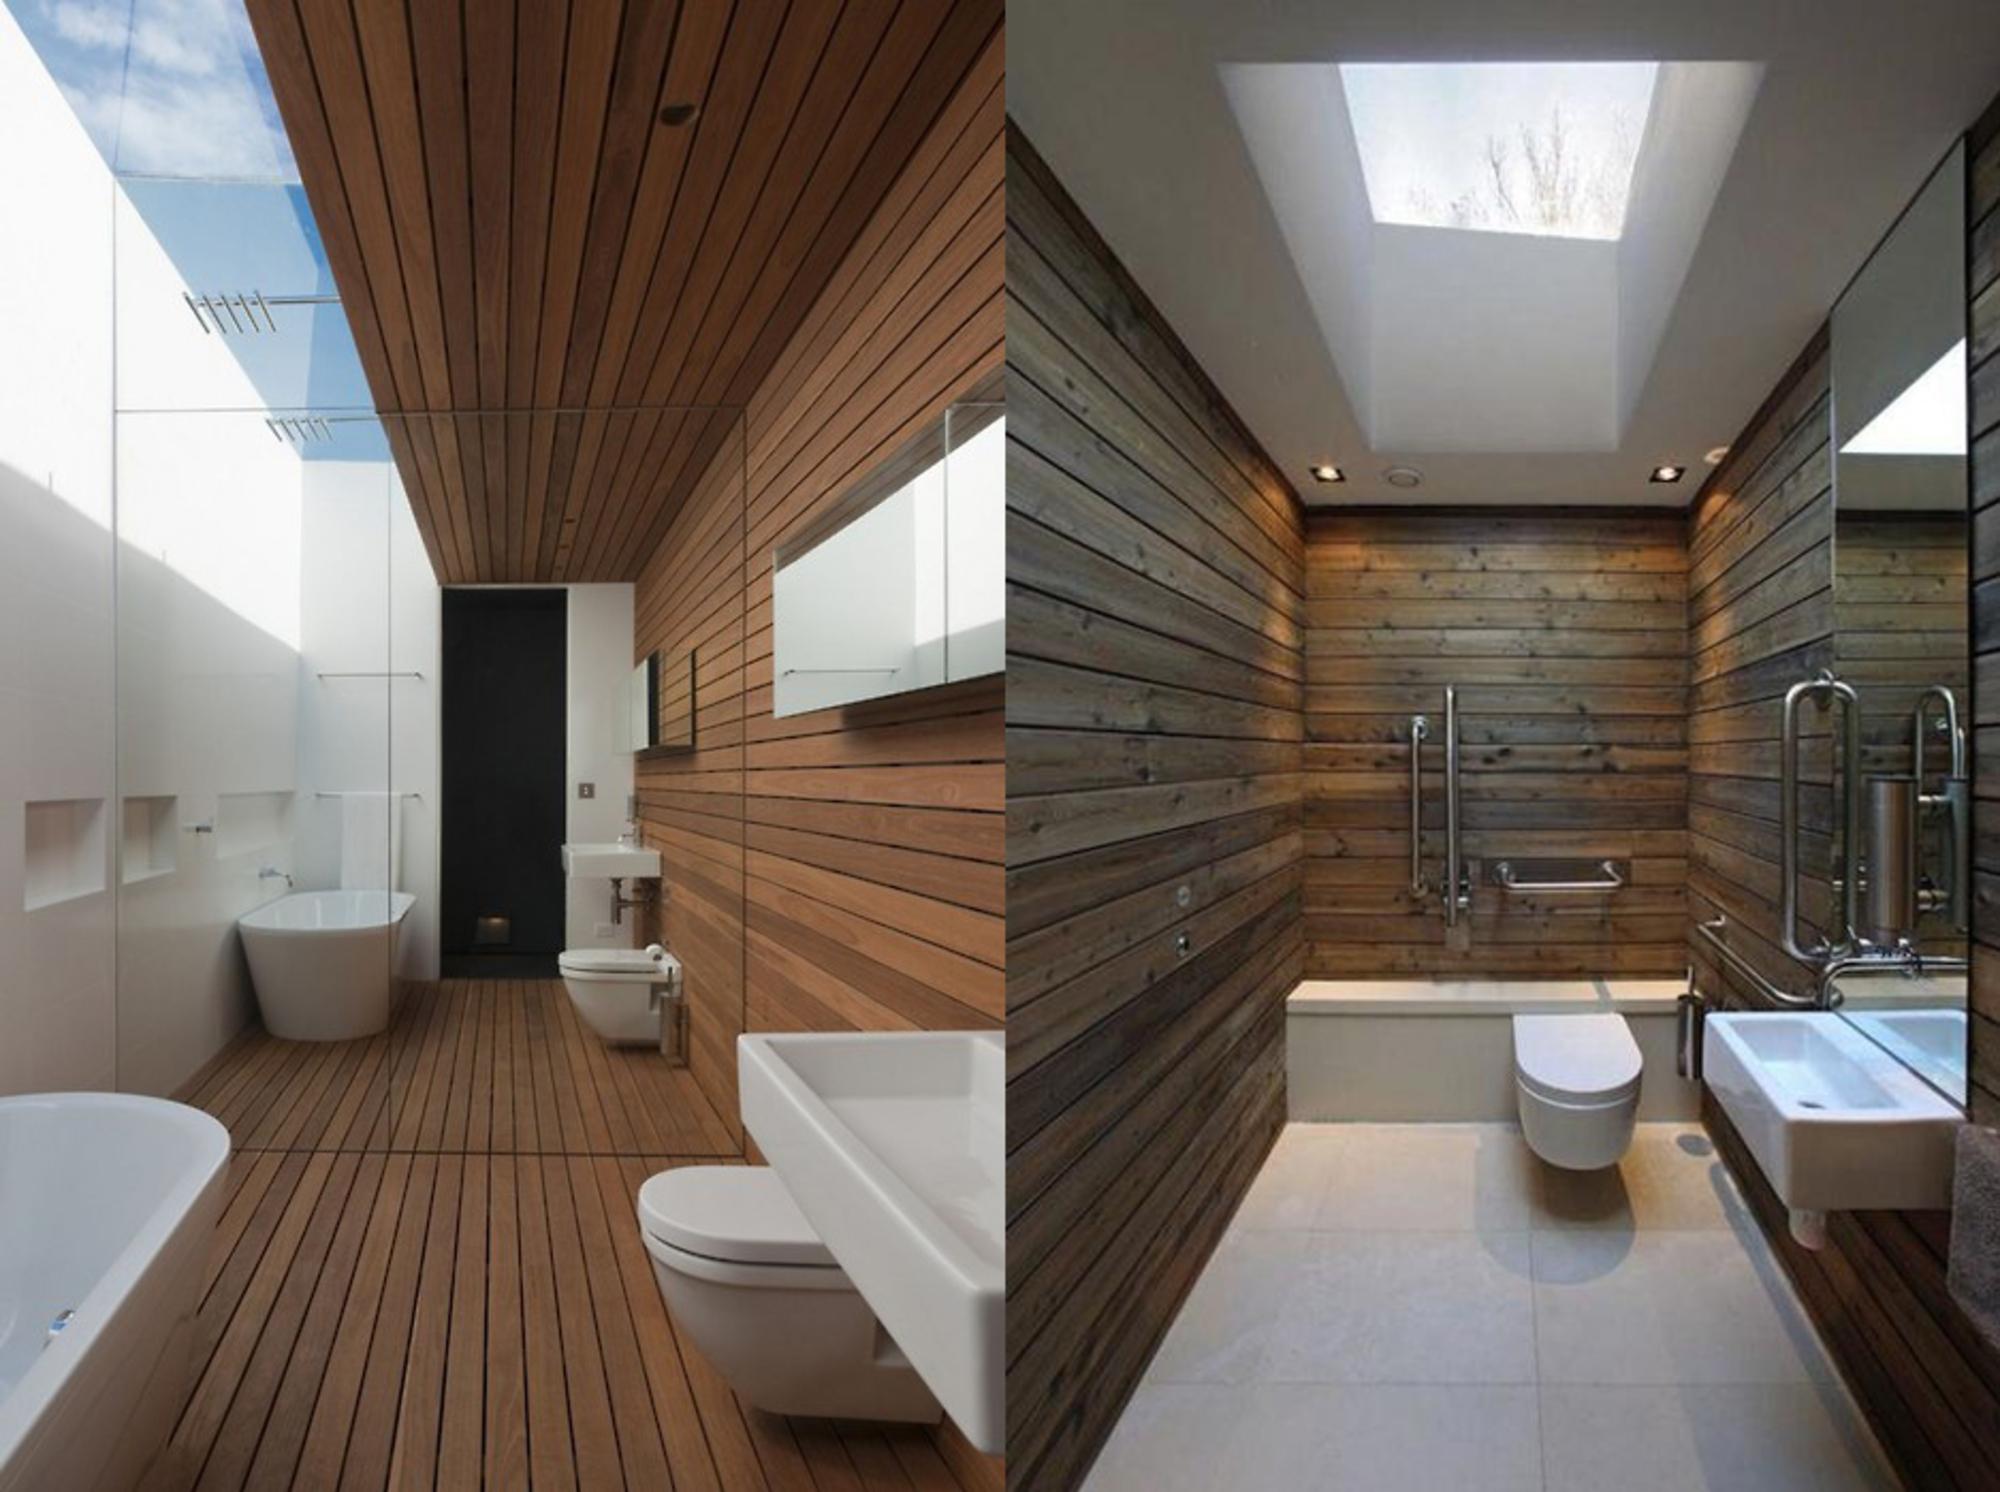 DECORAÇAO DE BANHEIROS COM MADEIRA  Casa de Valentina -> Decoracao Banheiro Madeira